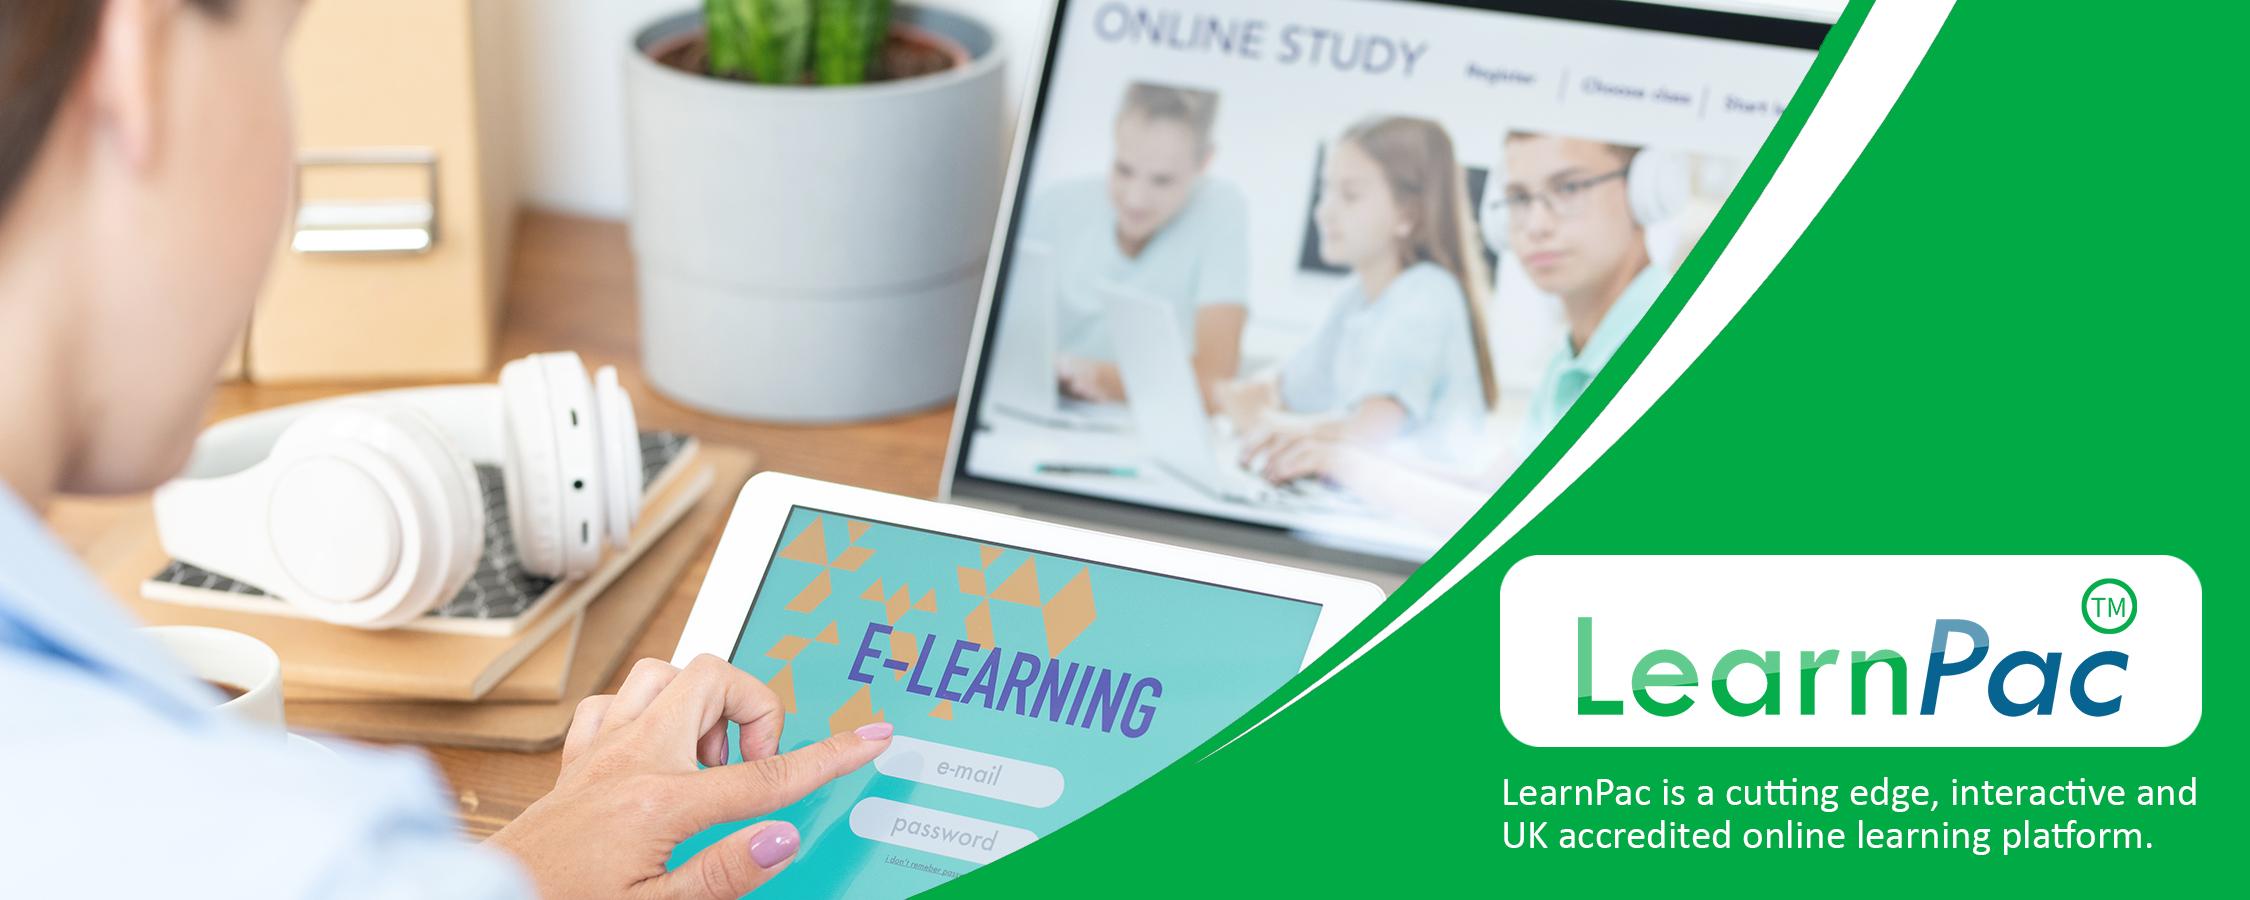 Multi-Sensory Impairment - Online Learning Courses - E-Learning Courses - LearnPac Systems UK -